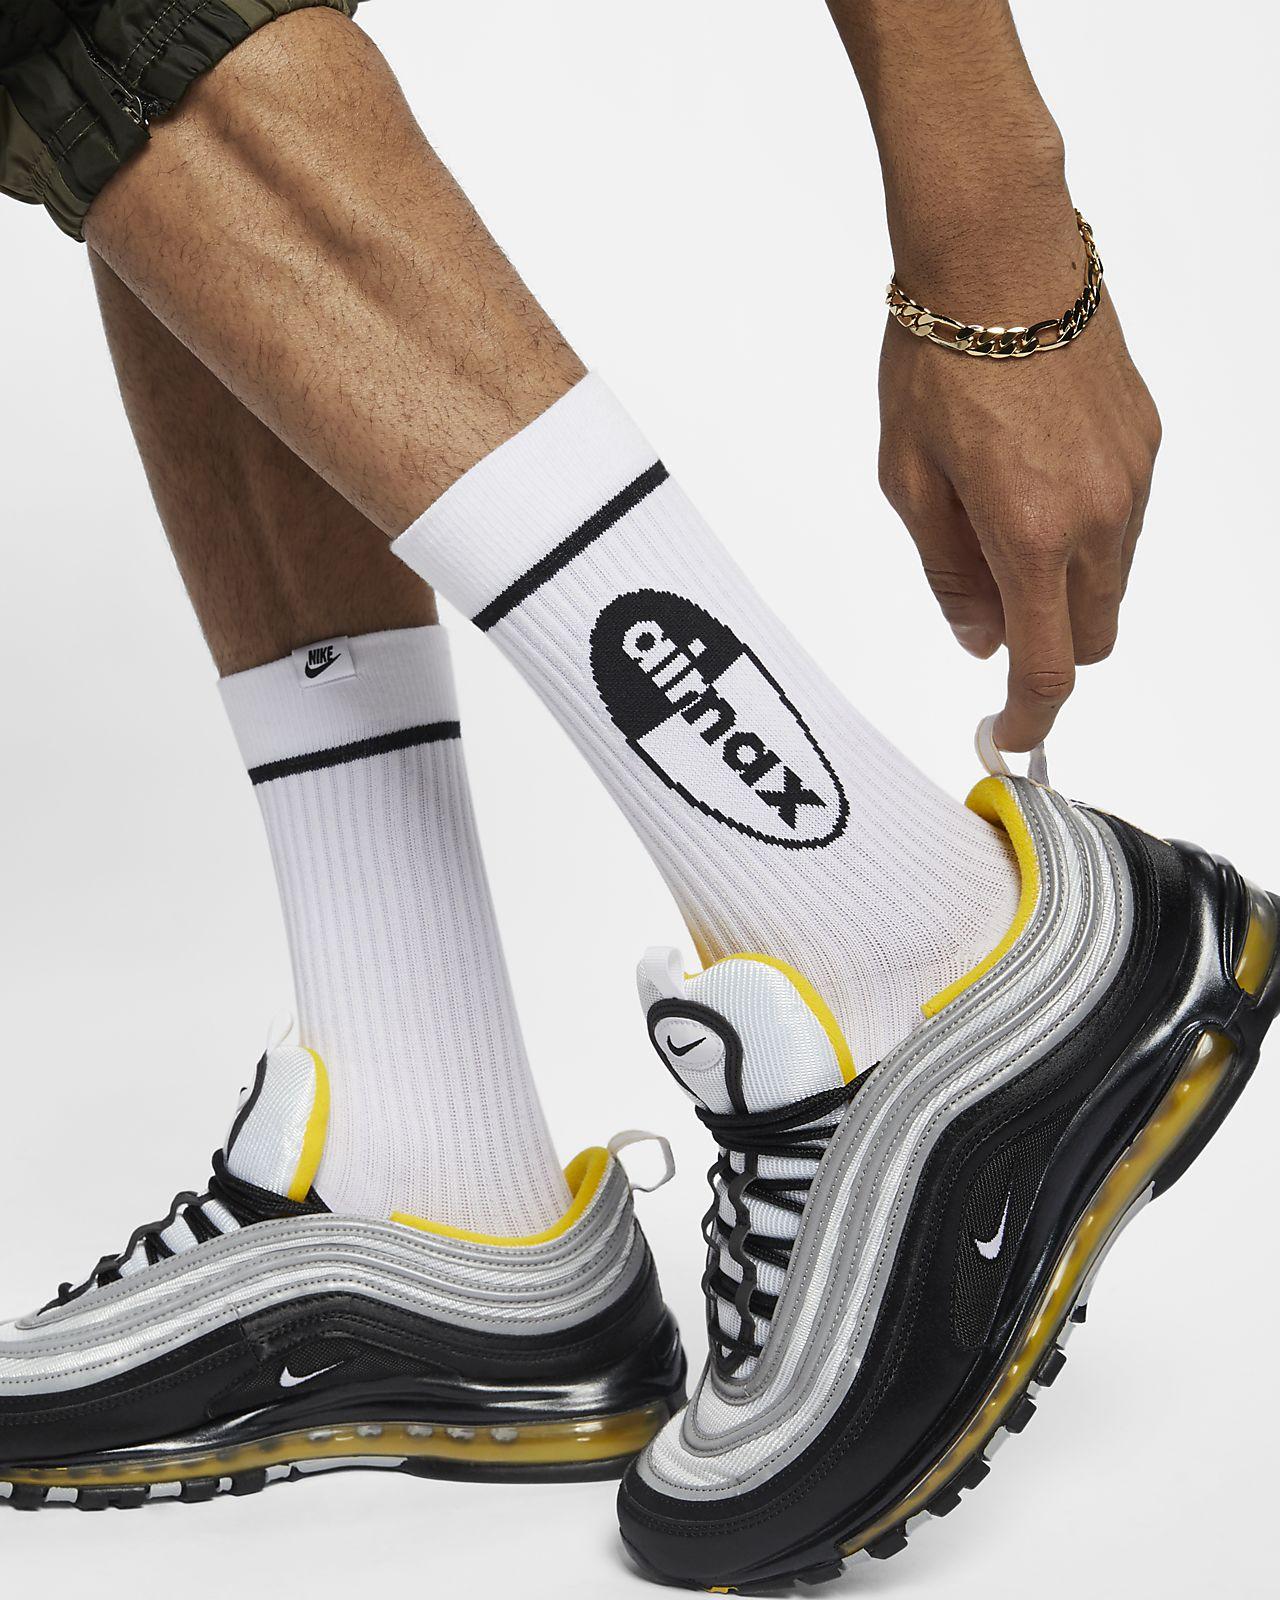 Nike Air Max Crew Socks (2 Pairs)